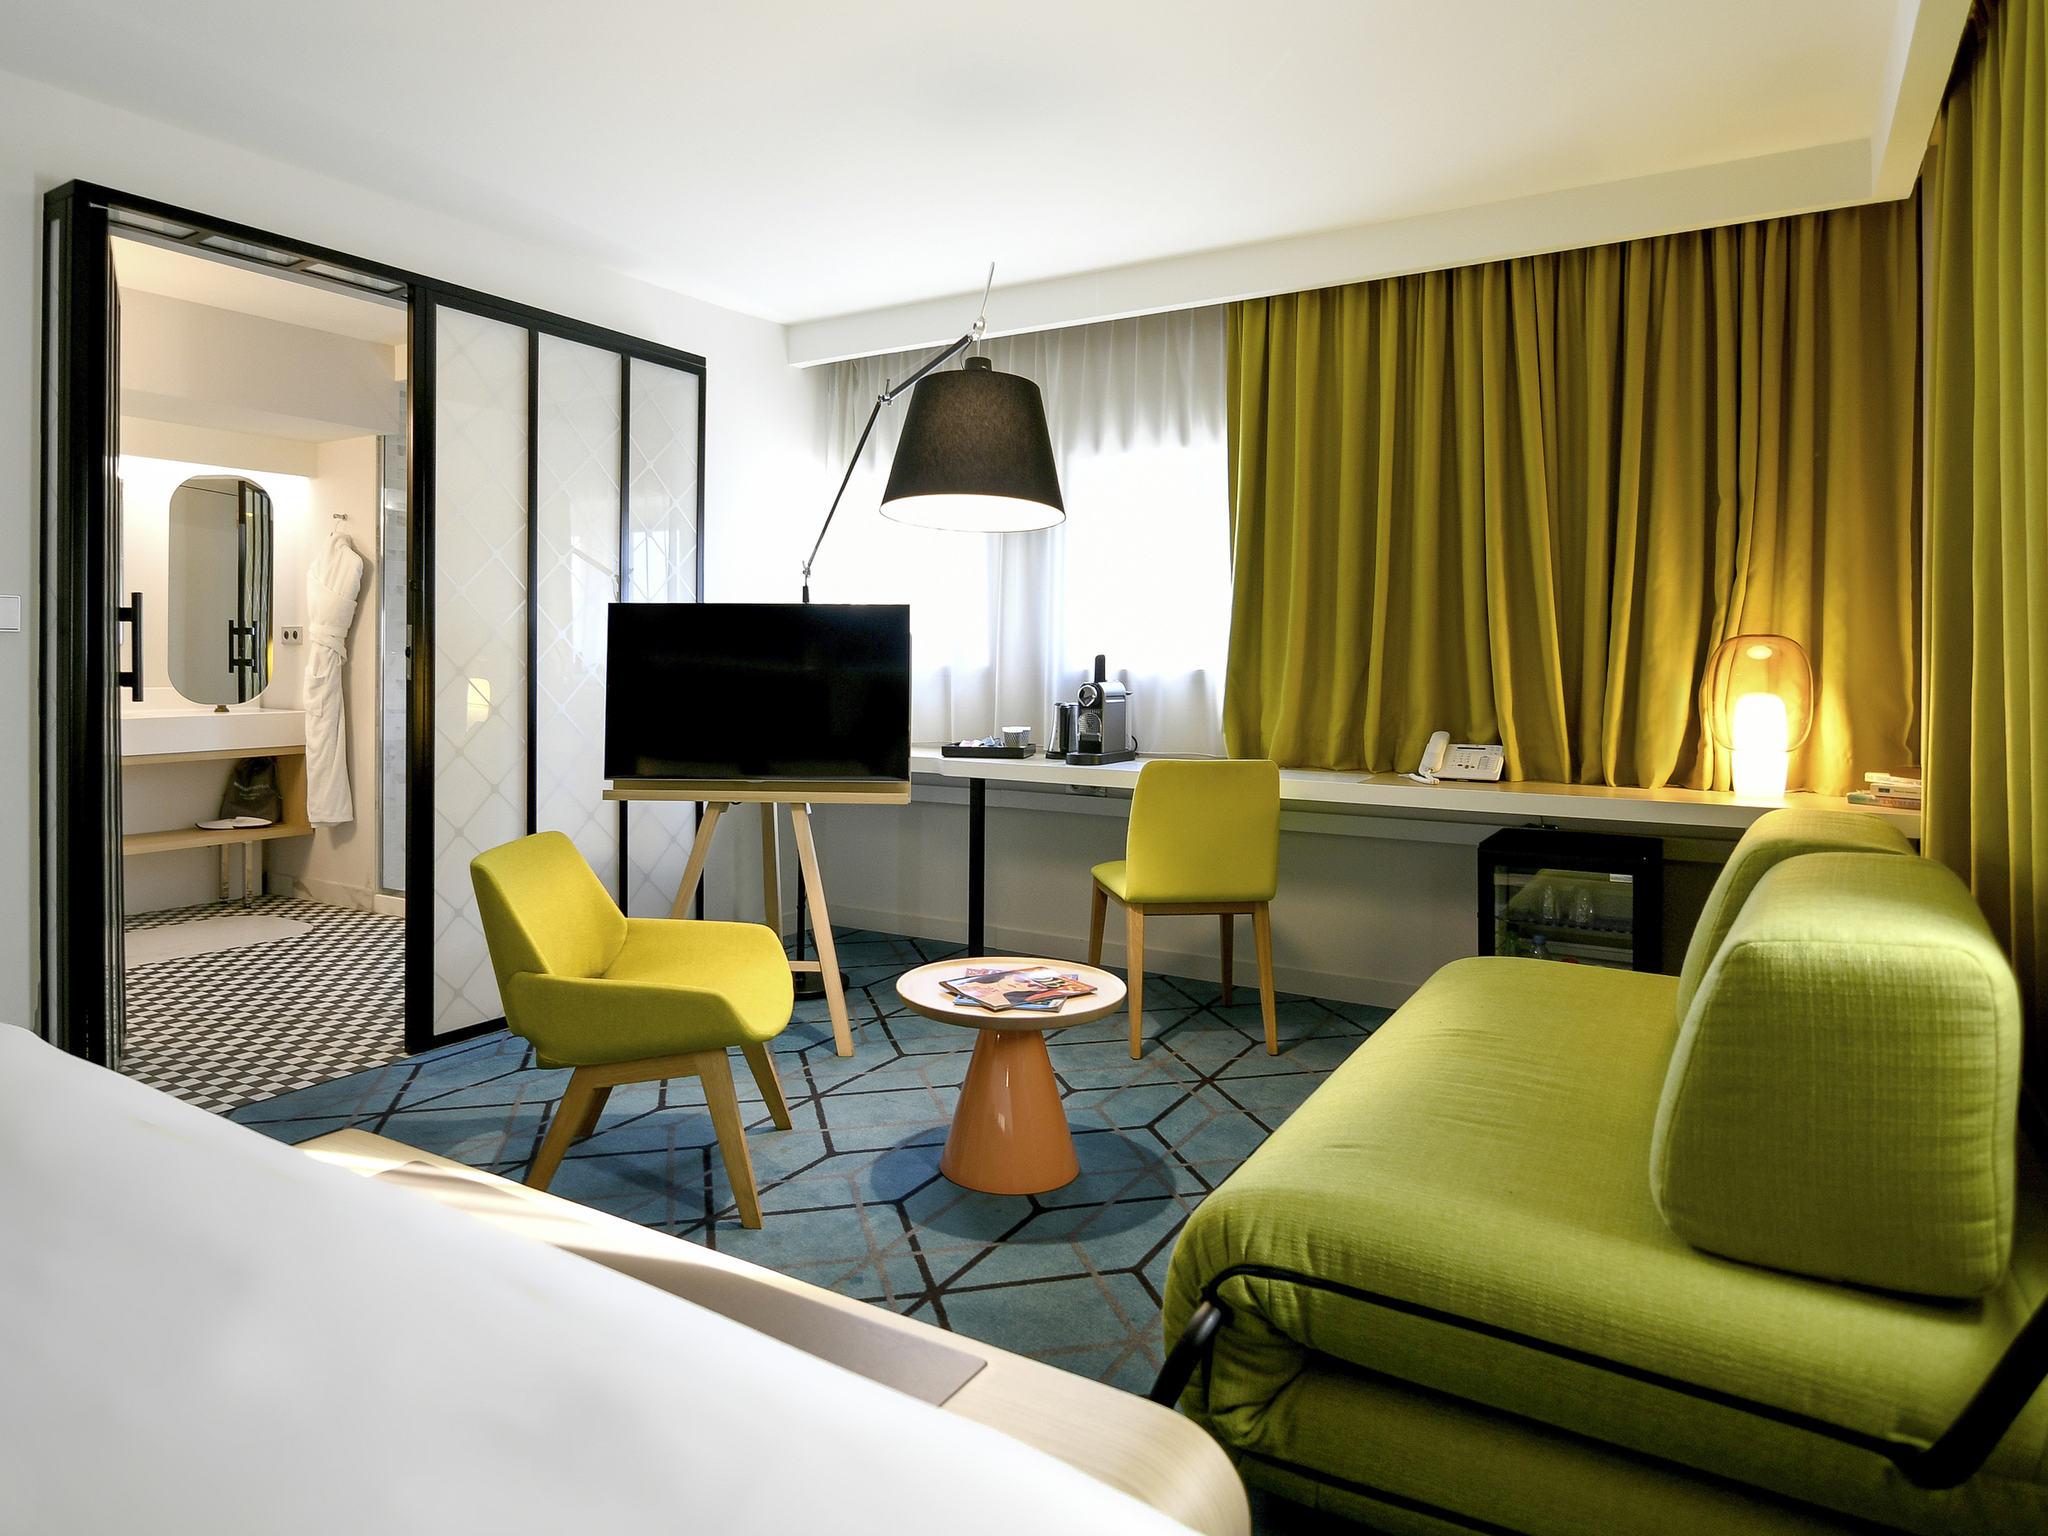 ホテル – メルキュールナントサントルガール